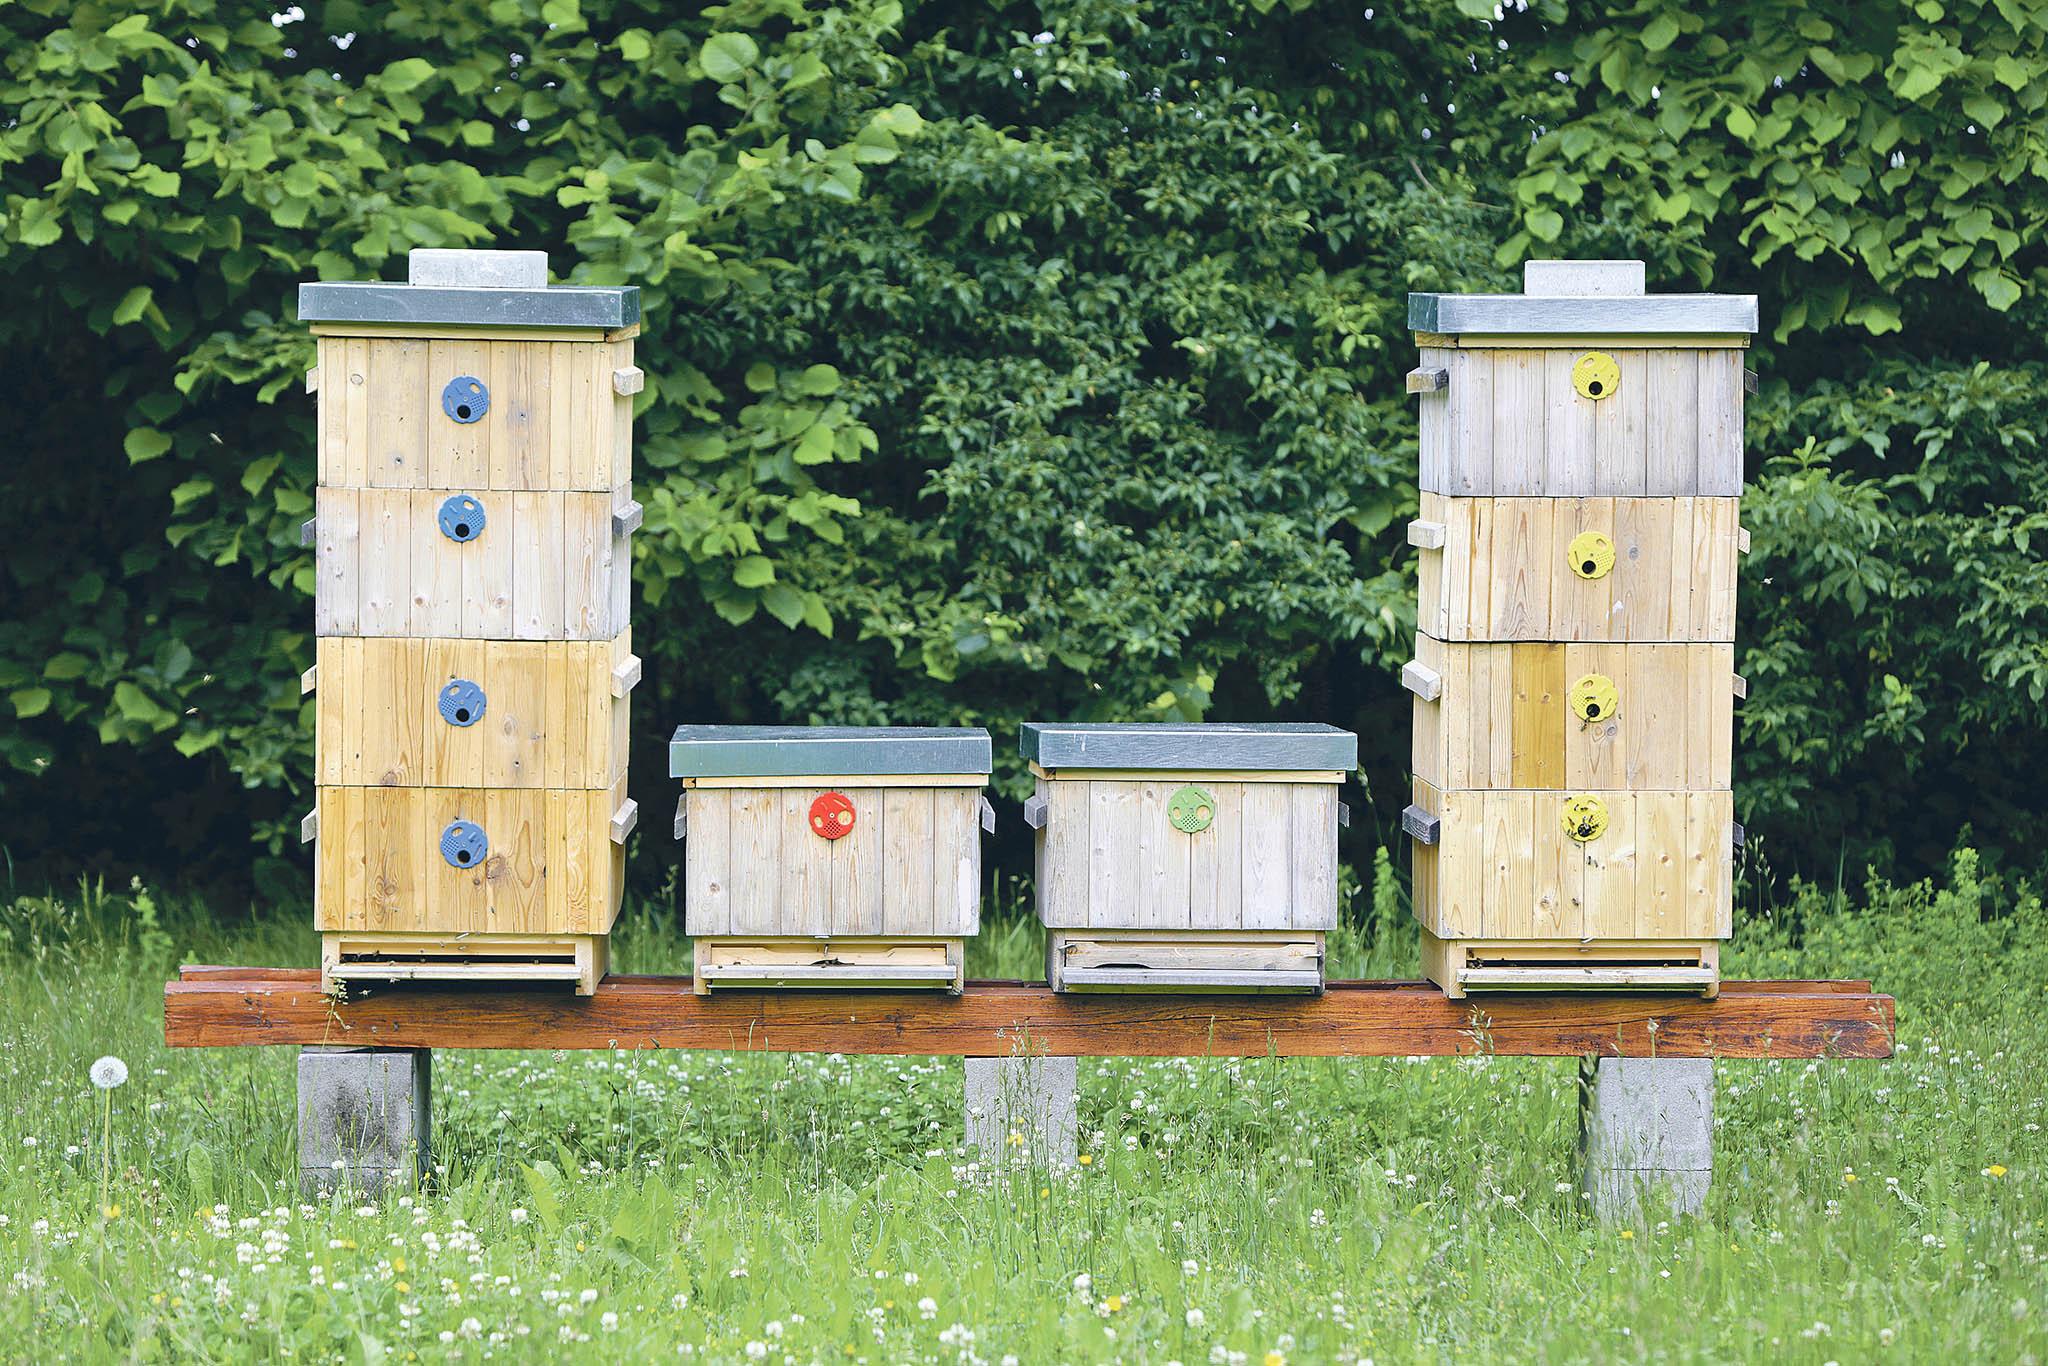 V zámeckém parku, který je součástí temelínského infocentra, se od roku 2018 chovají včely.